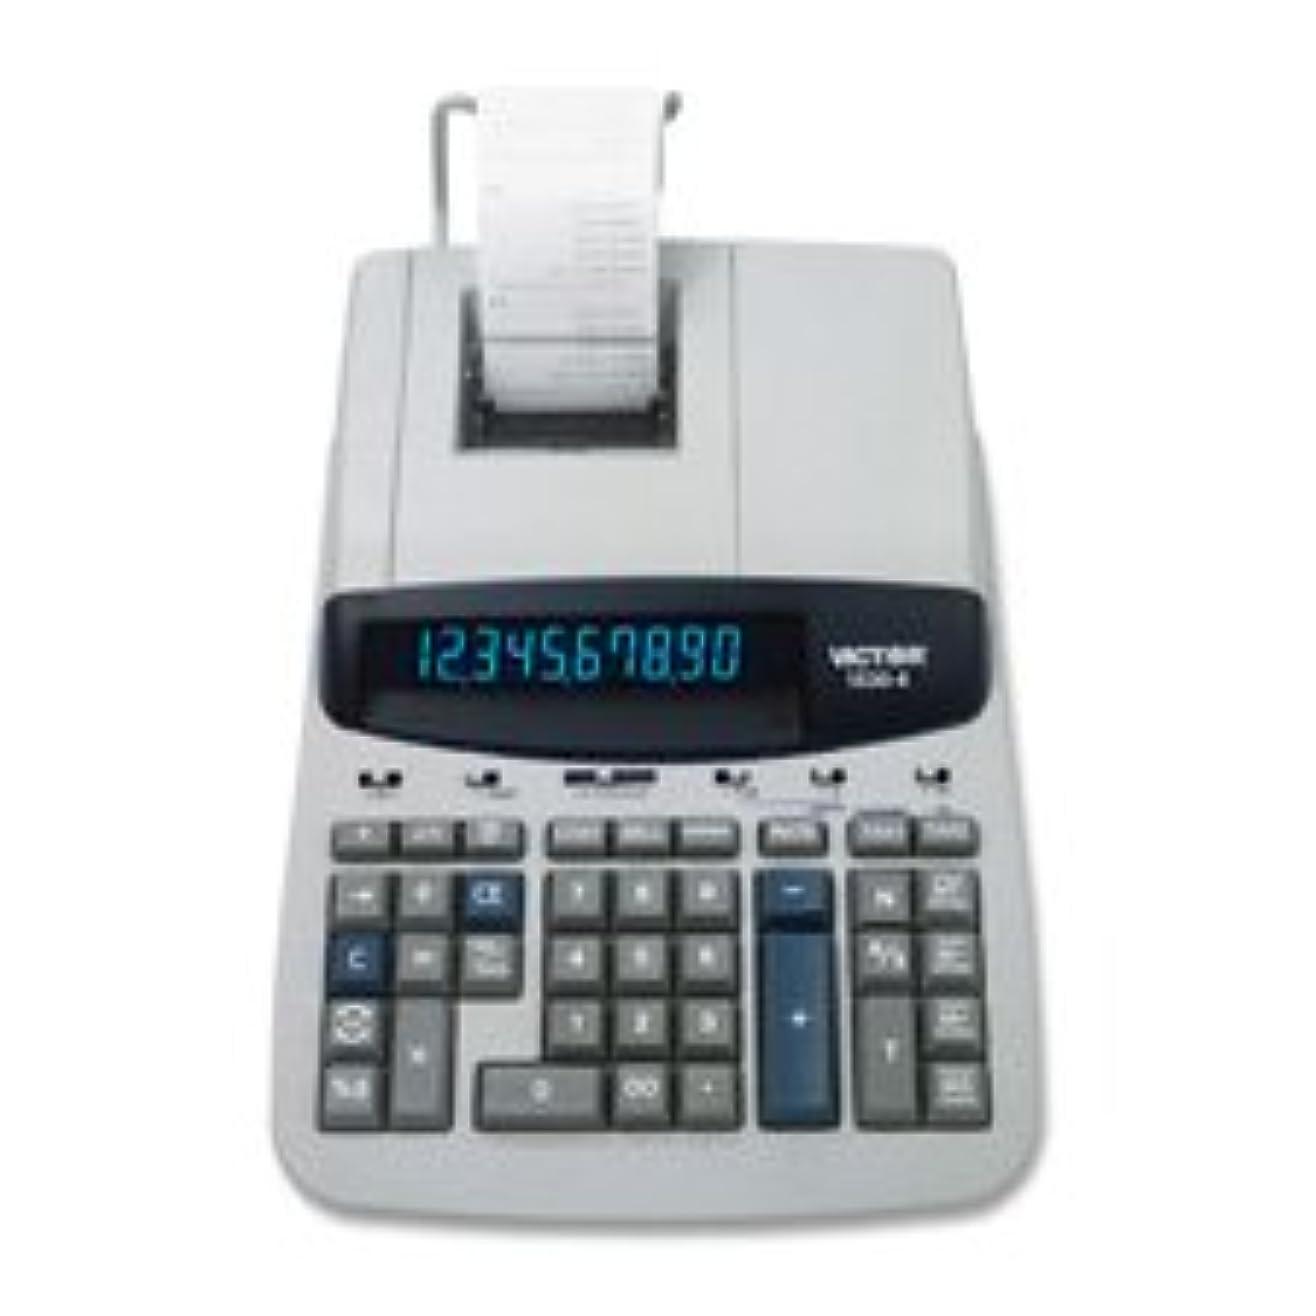 多くの危険がある状況磨かれたピッチャーVictor VCT15306 高耐久電卓44;グレー